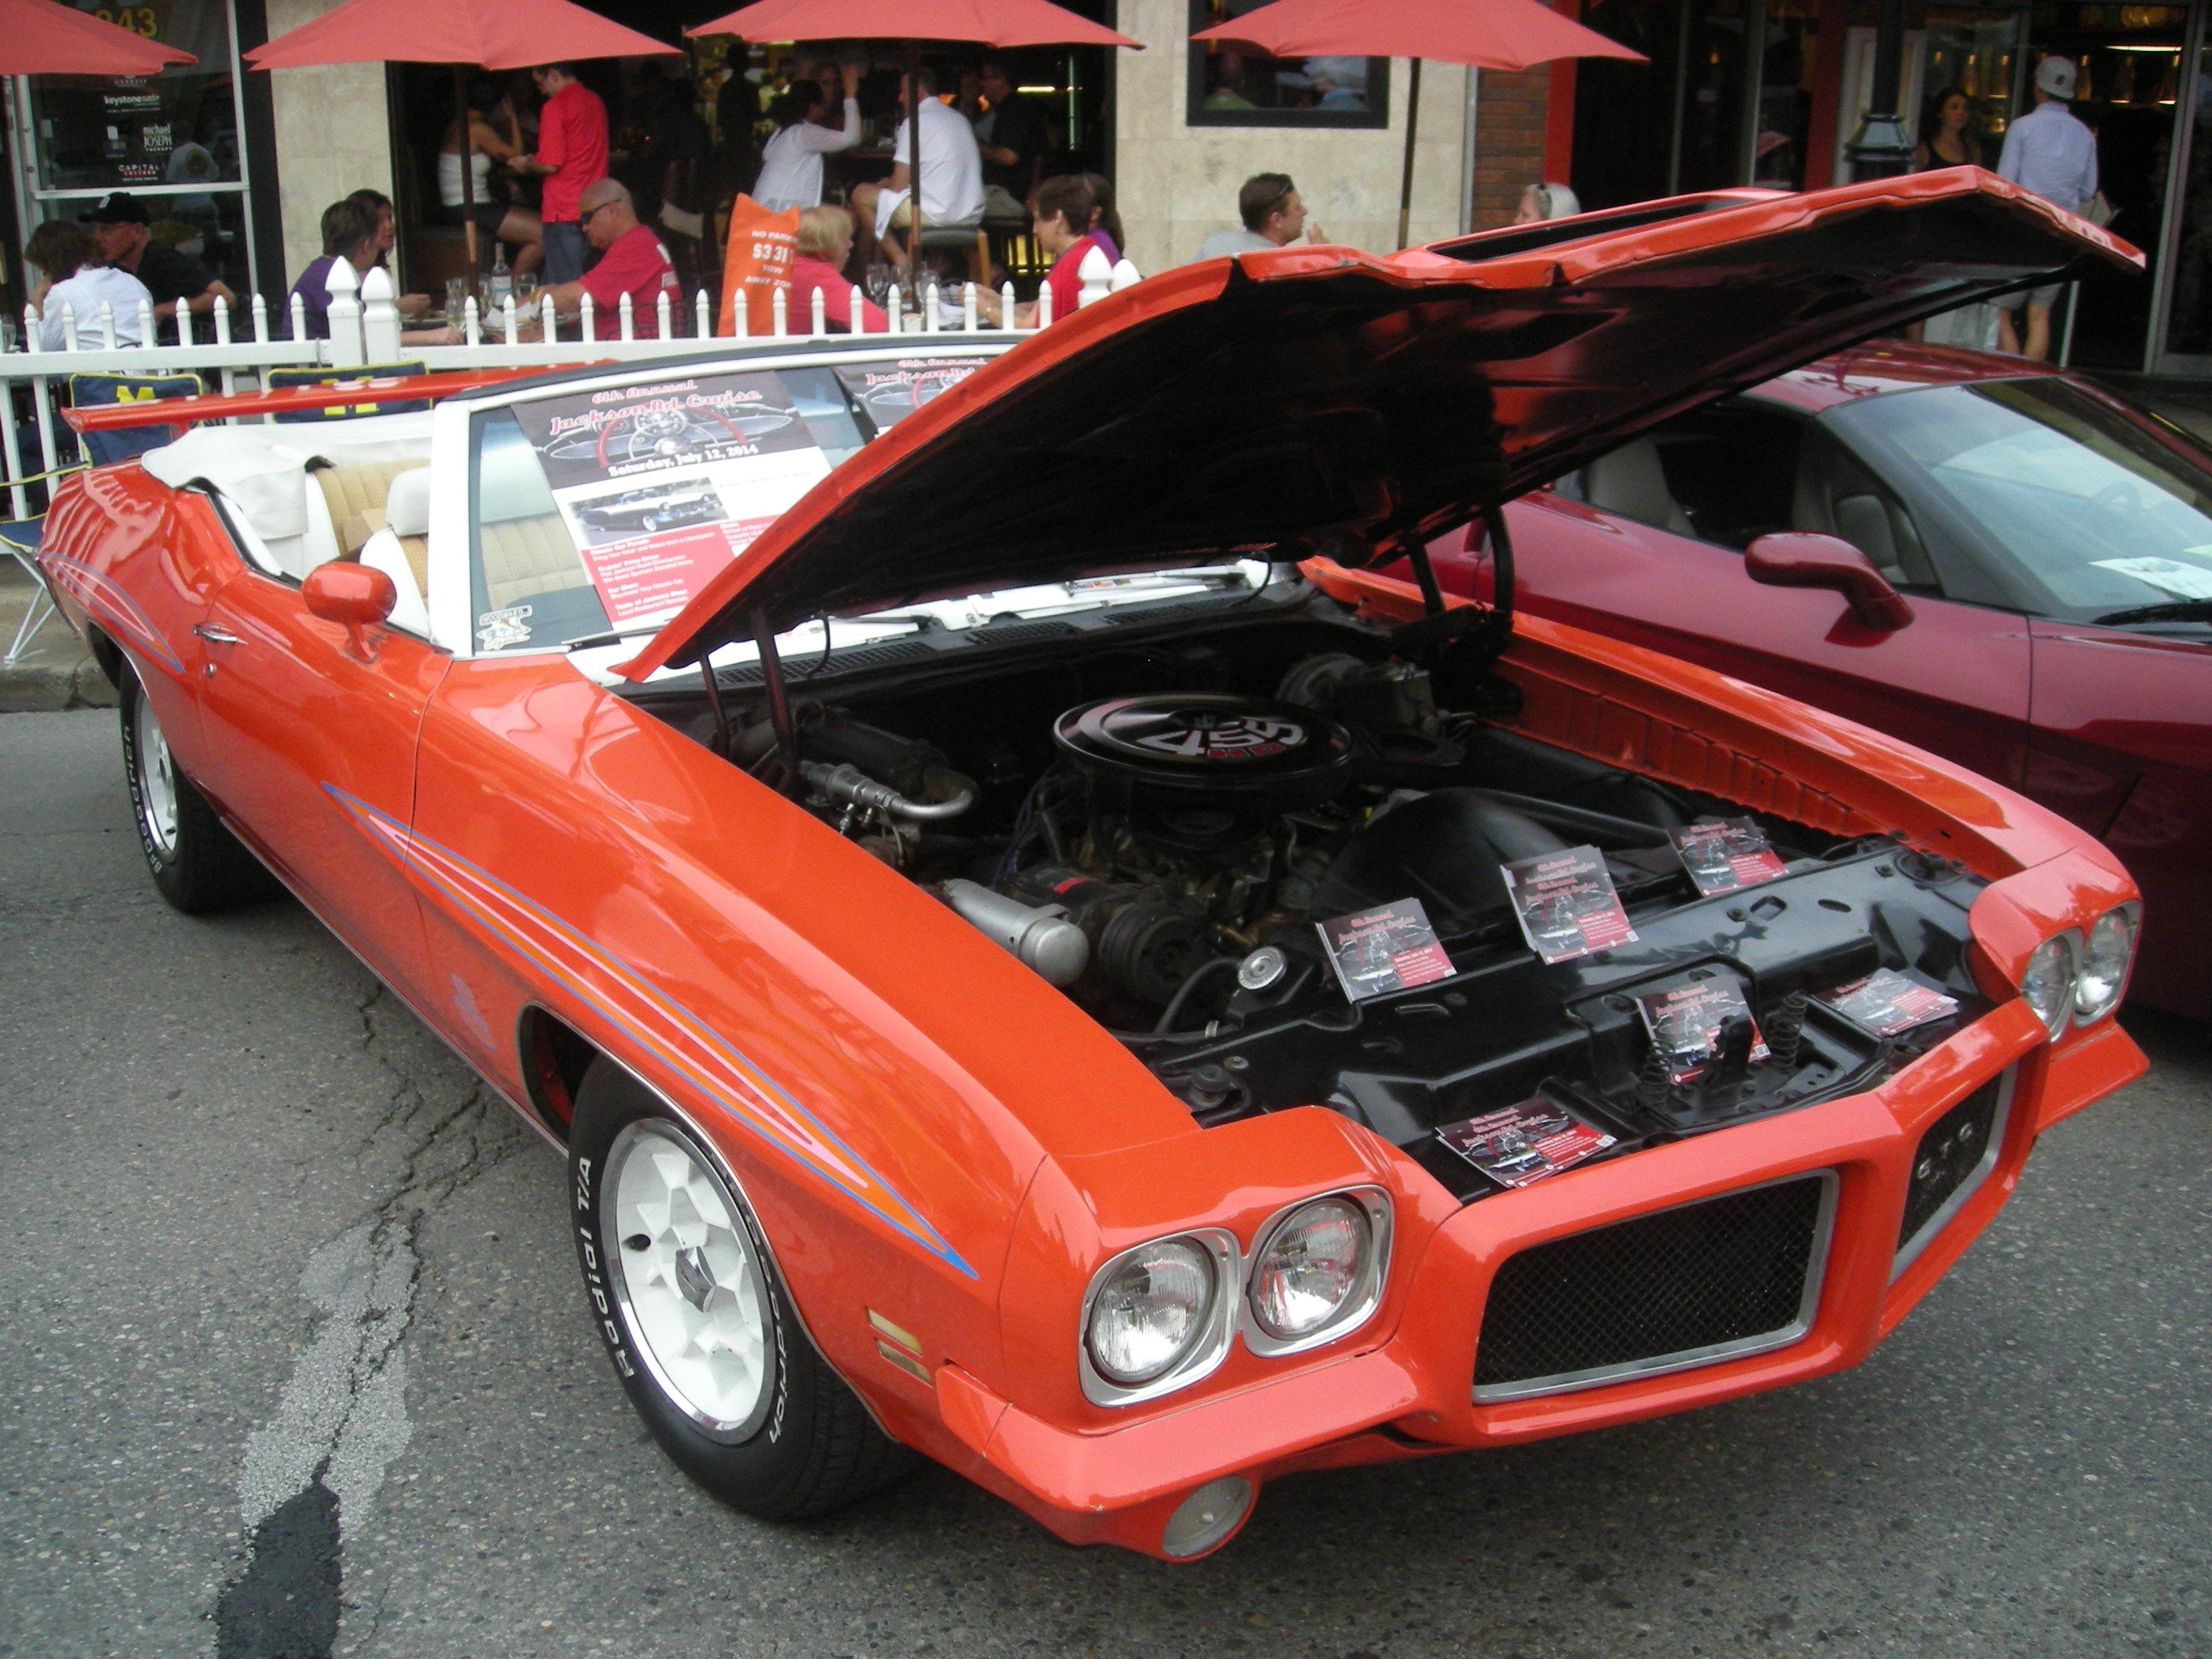 Pontiac Gto 2014 >> File 2014 Rolling Sculpture Car Show 75 1971 Pontiac Gto Jpg